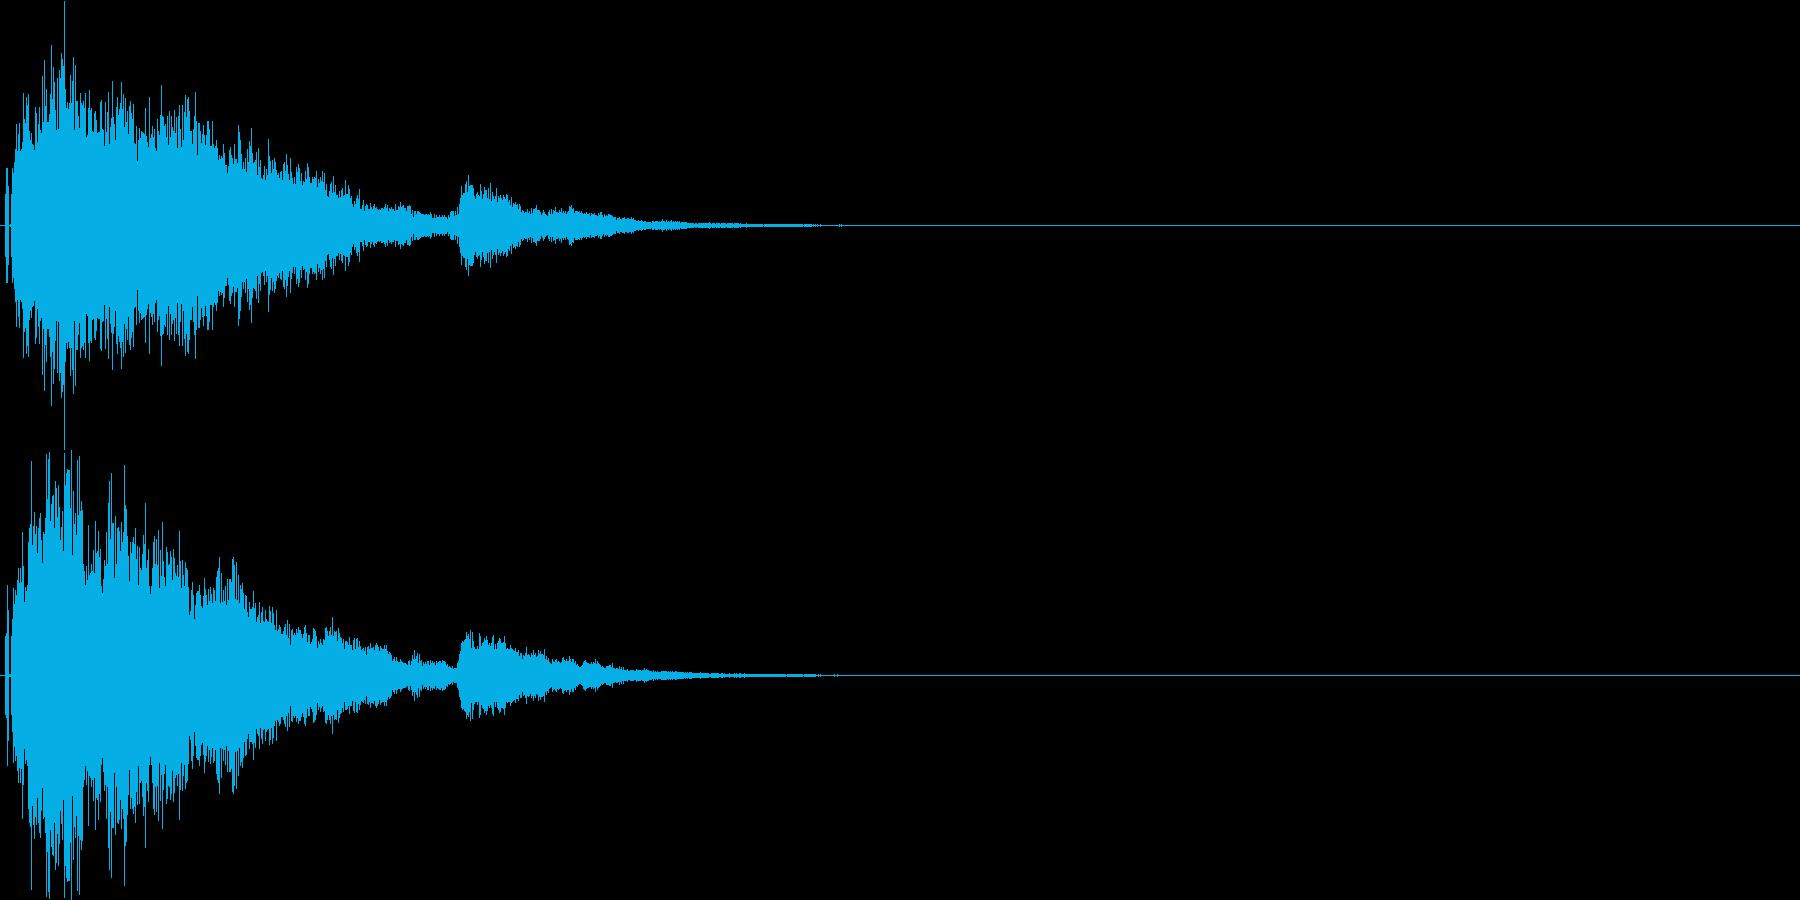 シャキーン!特殊魔法や闇に最適な効果音の再生済みの波形